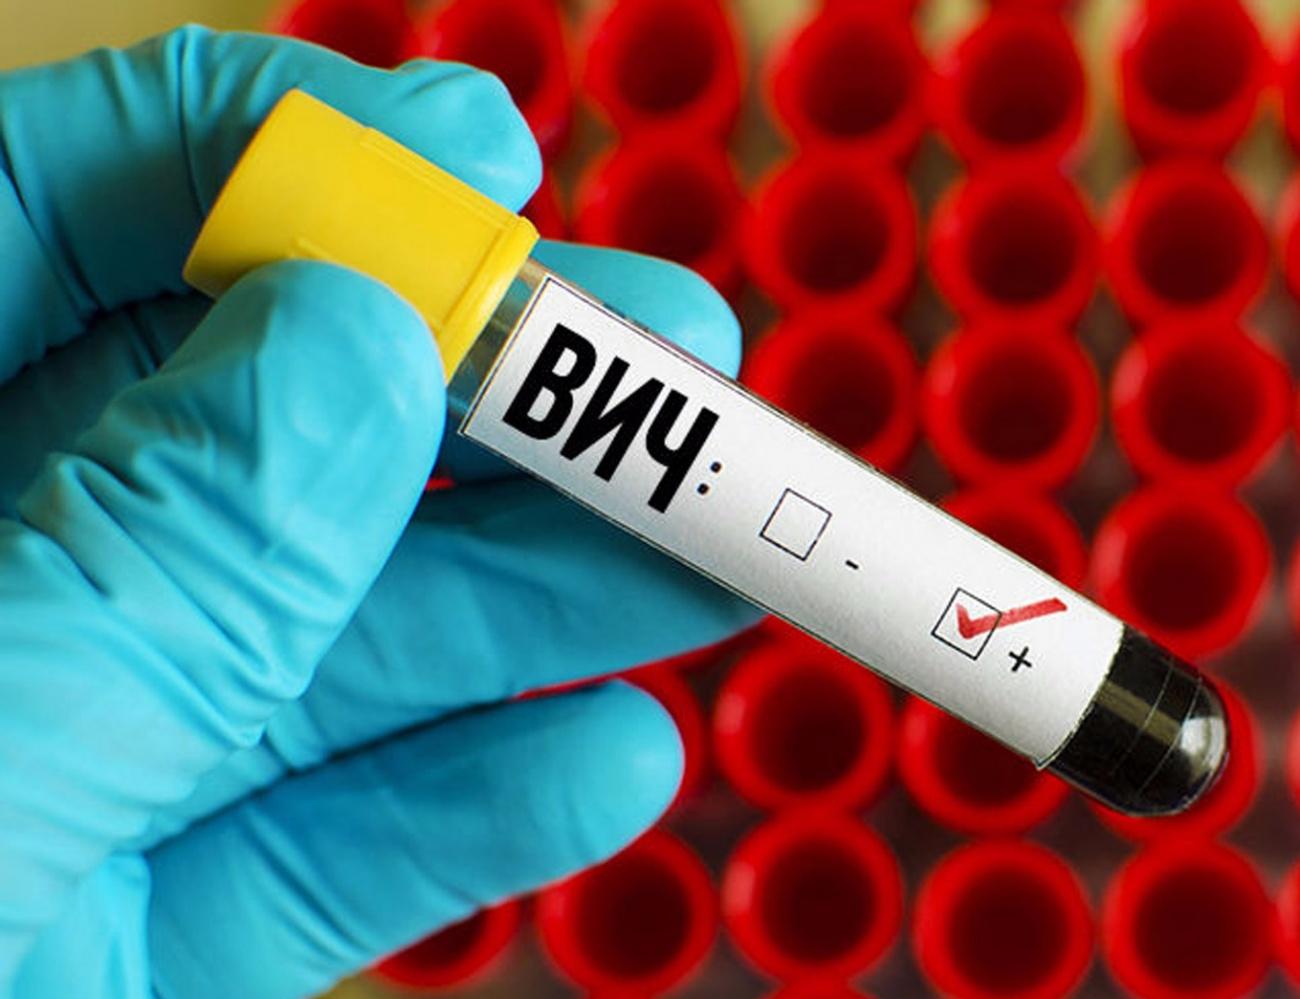 В Республике Алтай, по информации республиканского СПИД-центра, на 30 апреля 2020 года общее число зарегистрированных случаев ВИЧ-инфекции в регионе составляет — 1114.